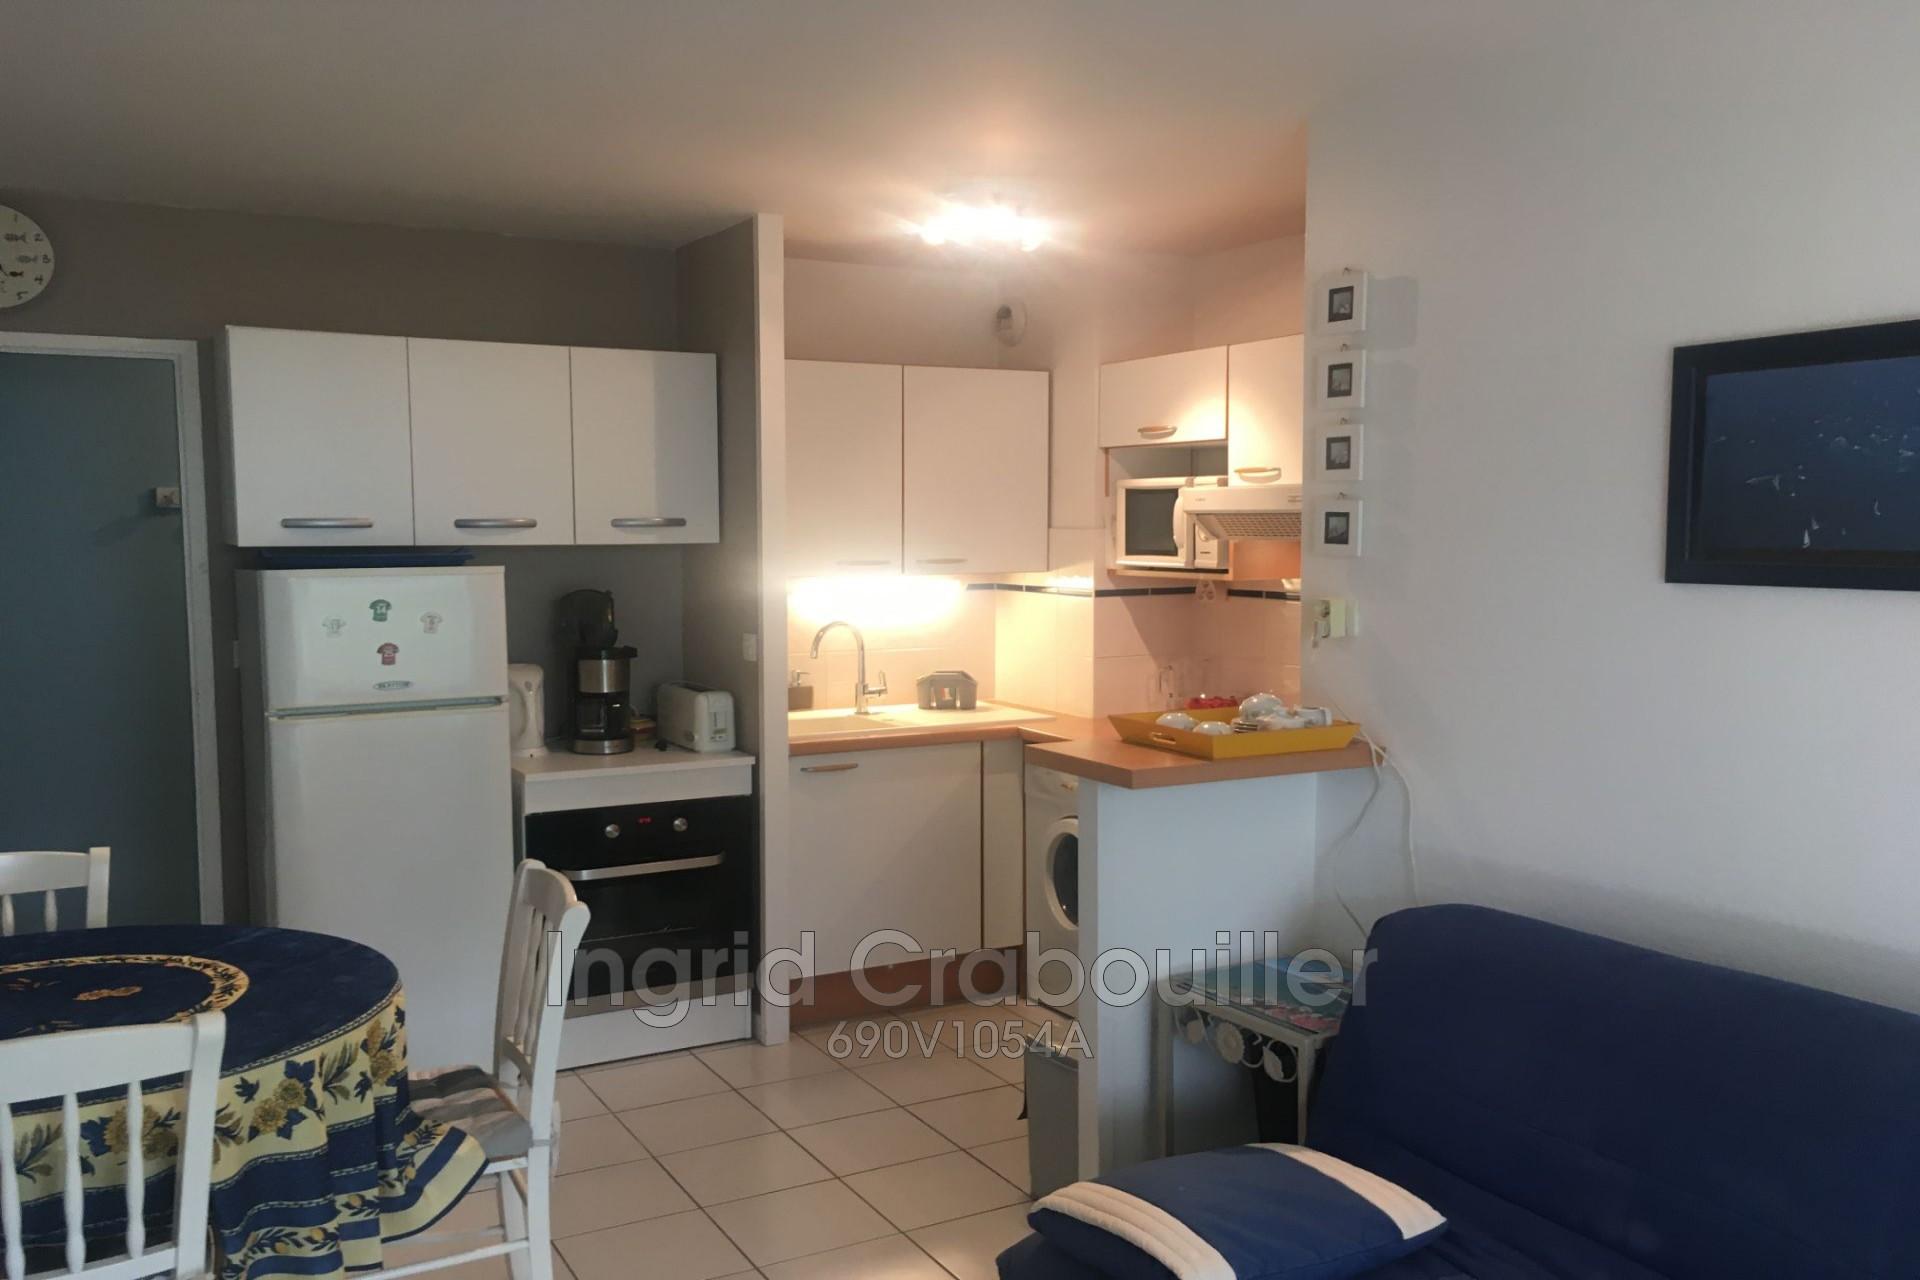 Vente appartement Vaux-sur-Mer - réf. 690V1054A